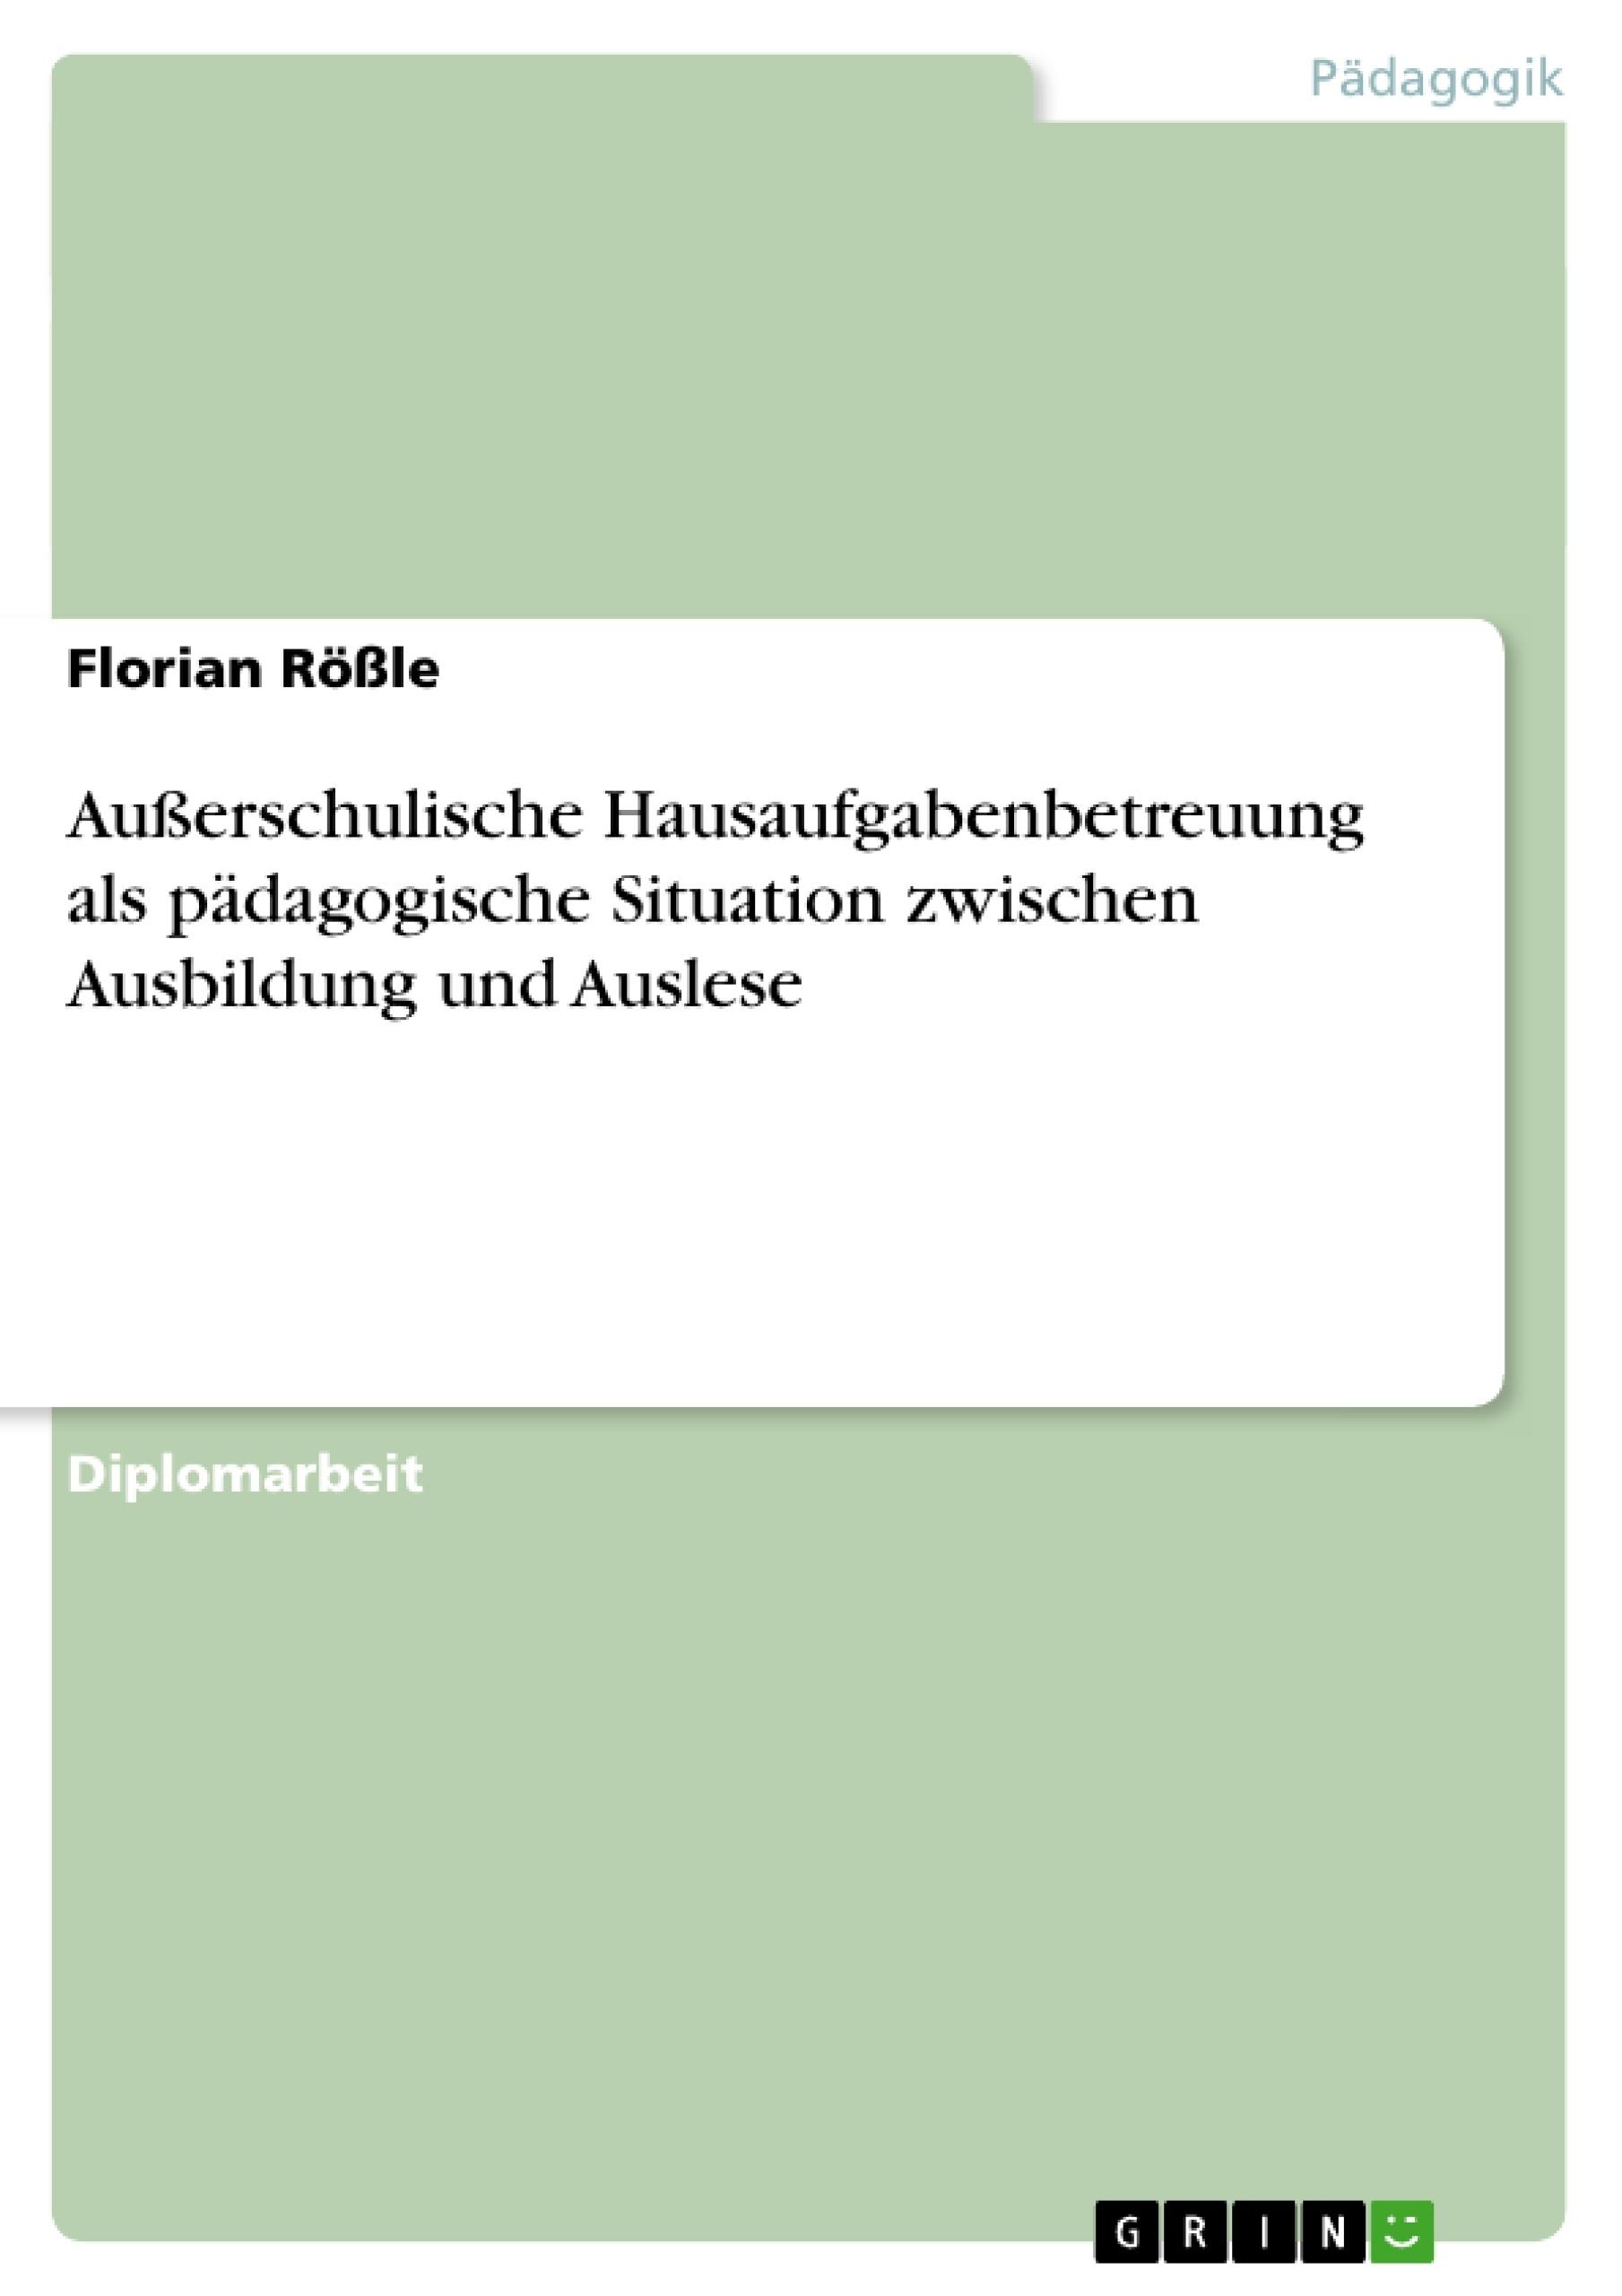 Titel: Außerschulische Hausaufgabenbetreuung als pädagogische Situation zwischen Ausbildung und Auslese